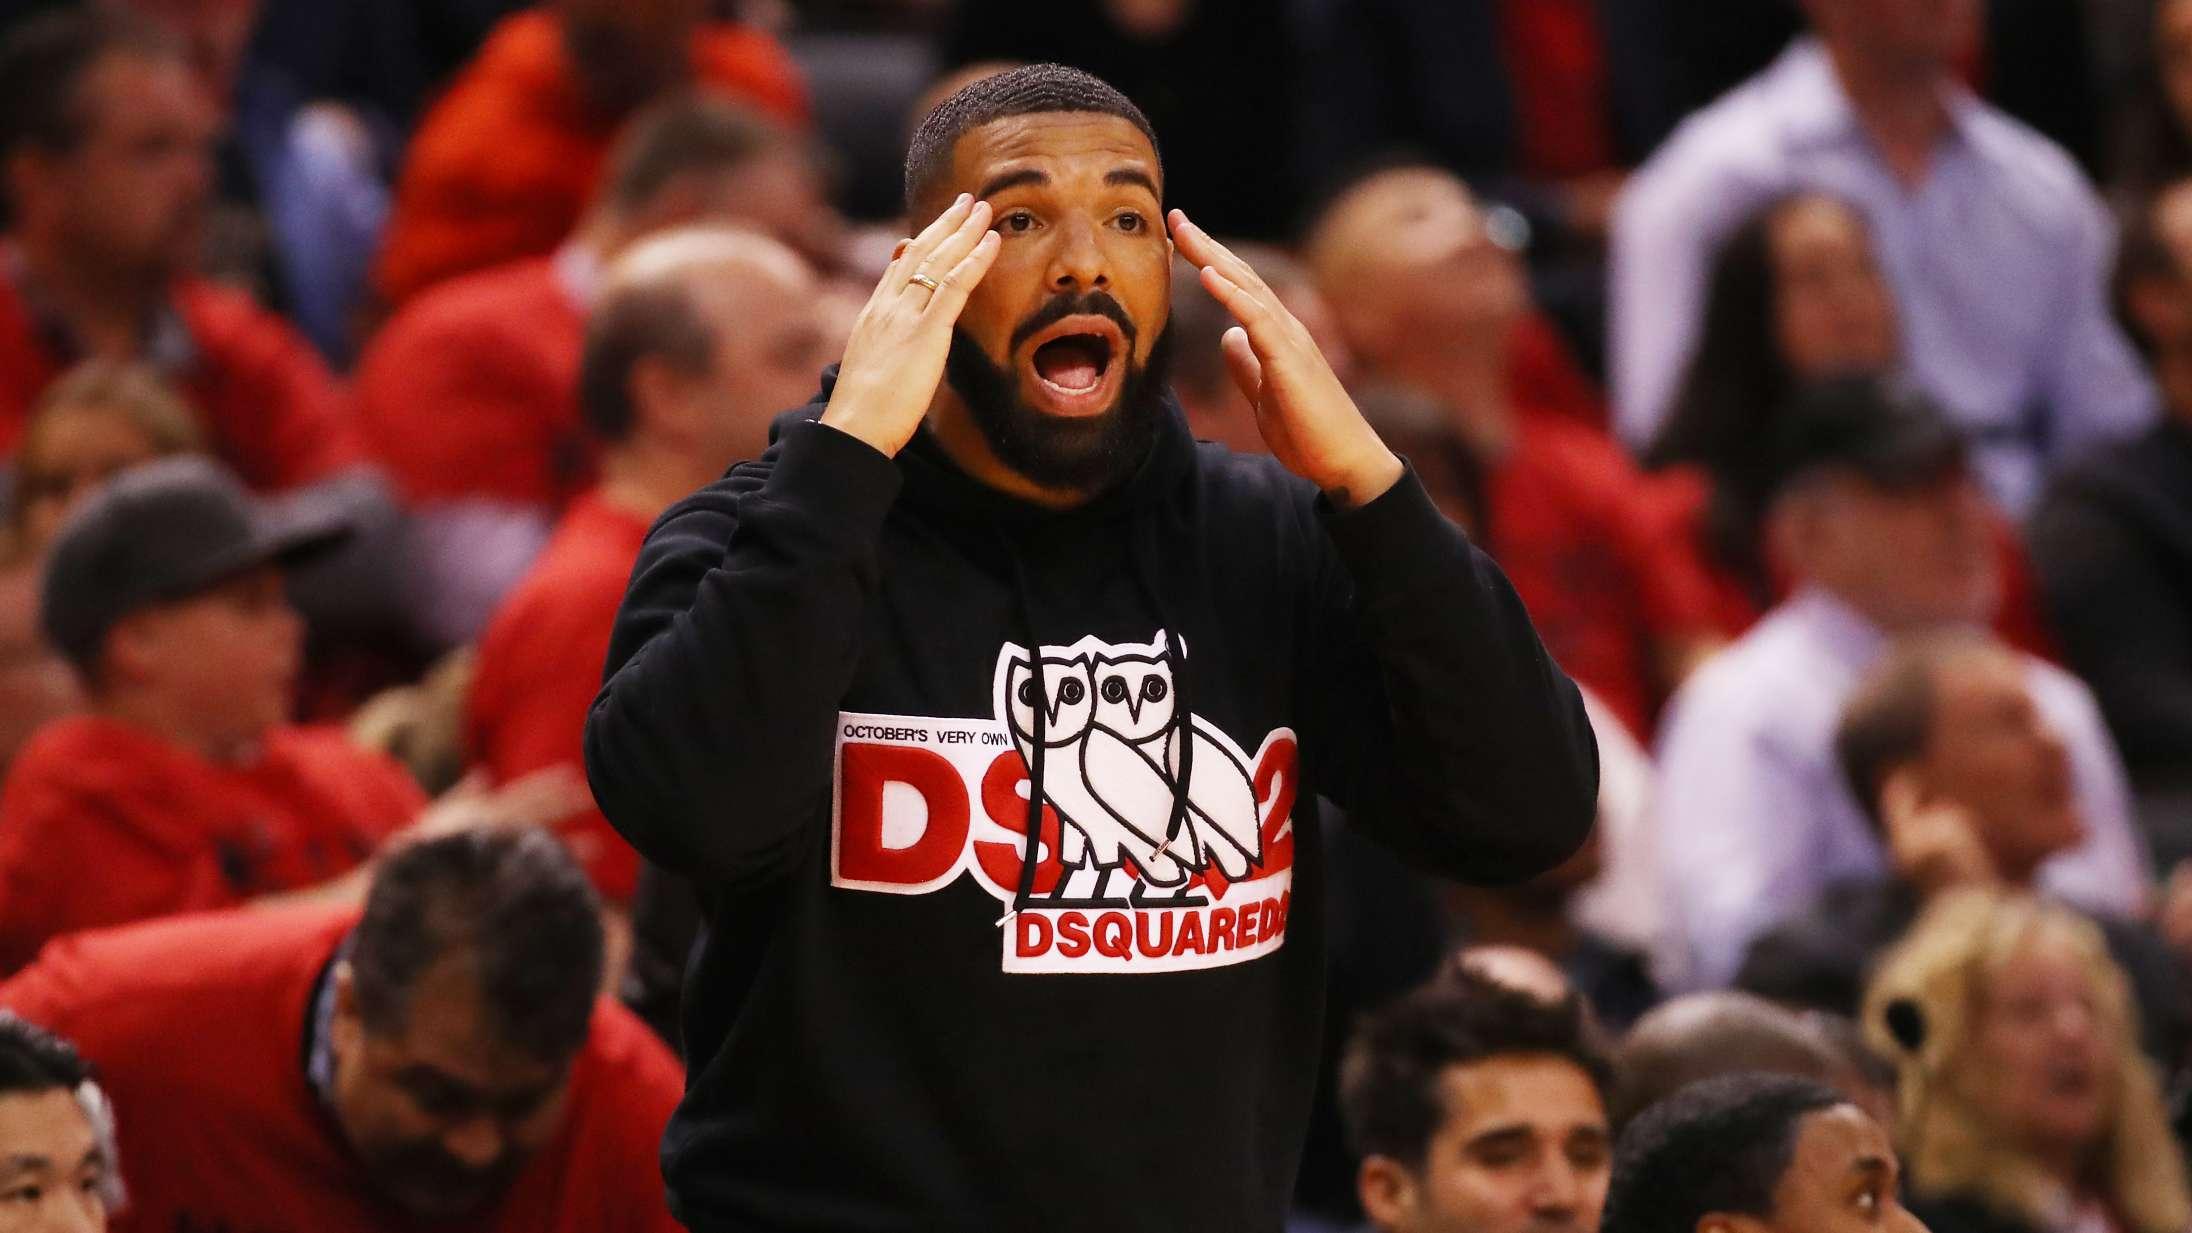 Er det bare mig, eller er 'Toosie Slide' den mest halvhjertede Drake-single nogensinde?